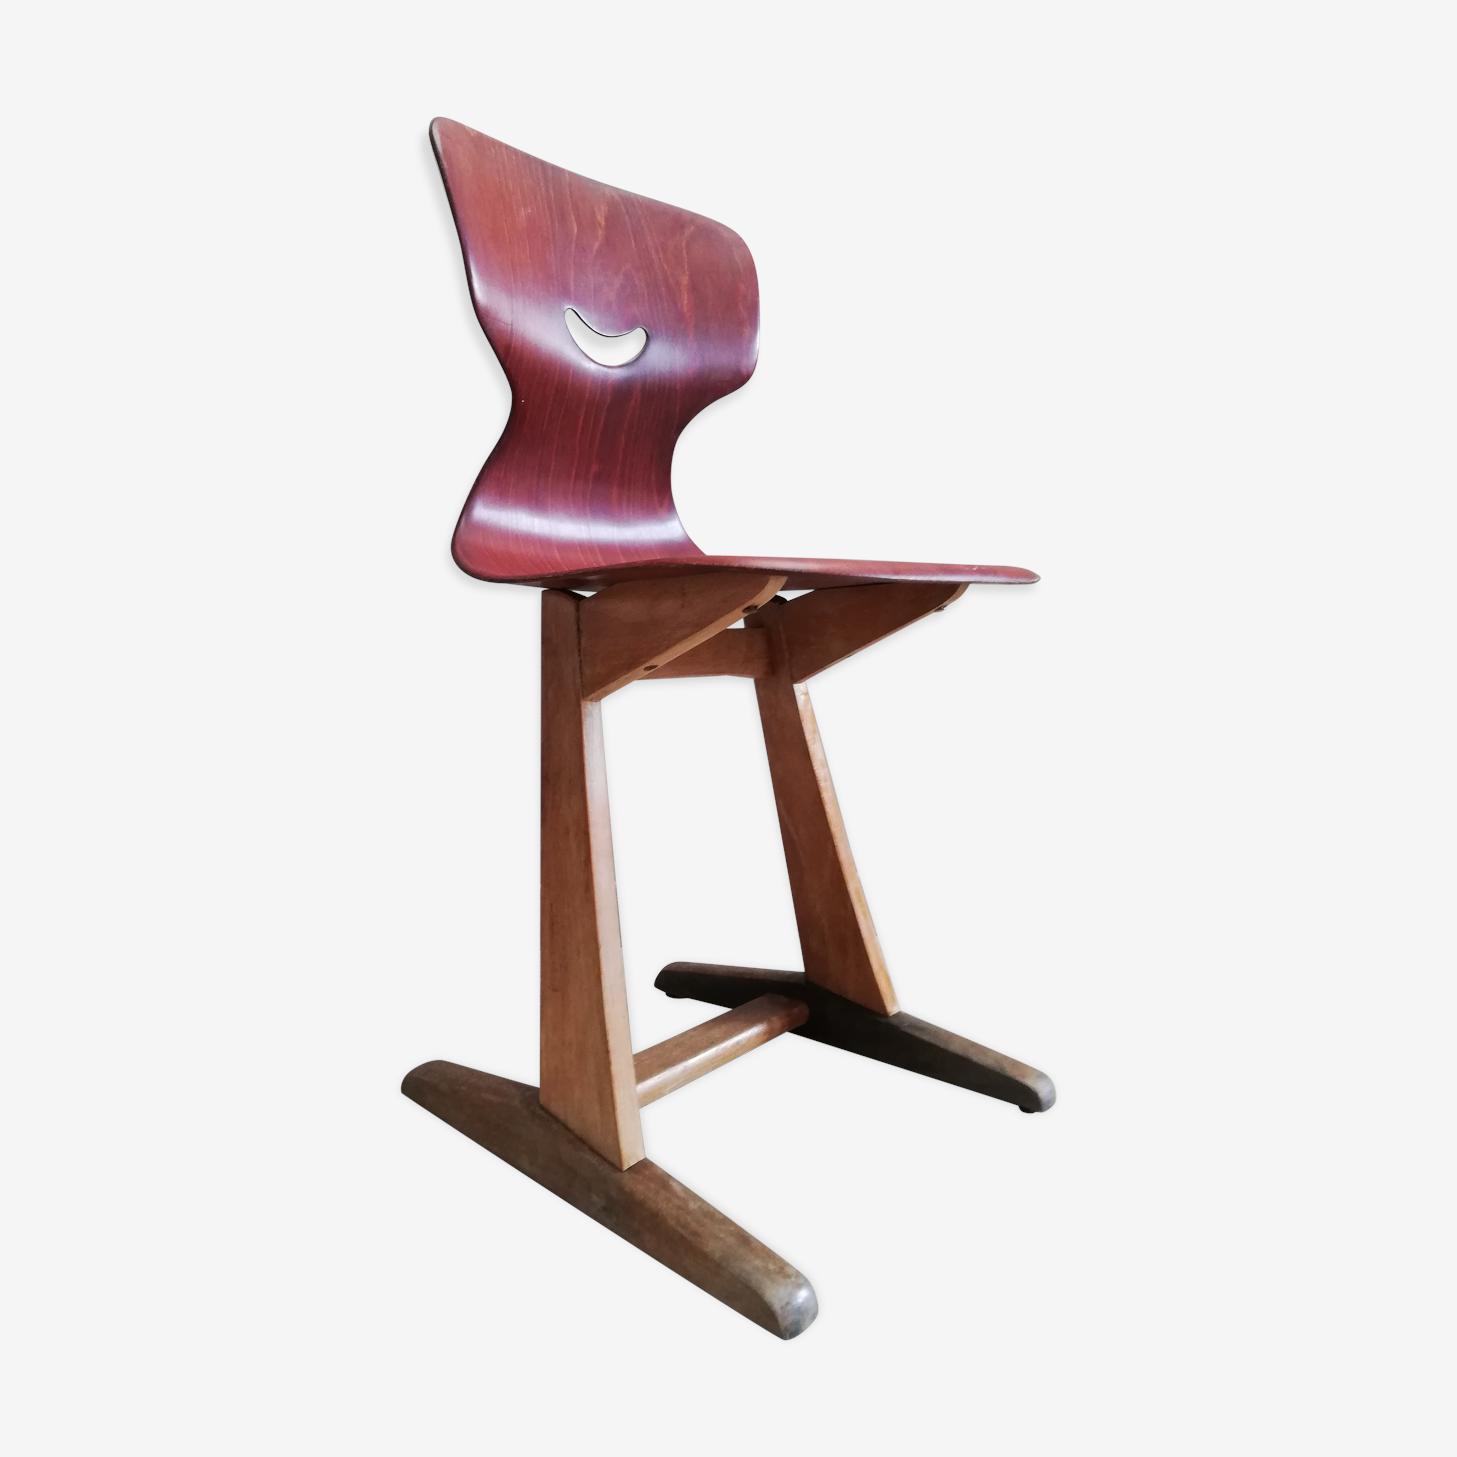 Chaise école enfant par Adam Stegner pour Pagholz Flototto vintage 50